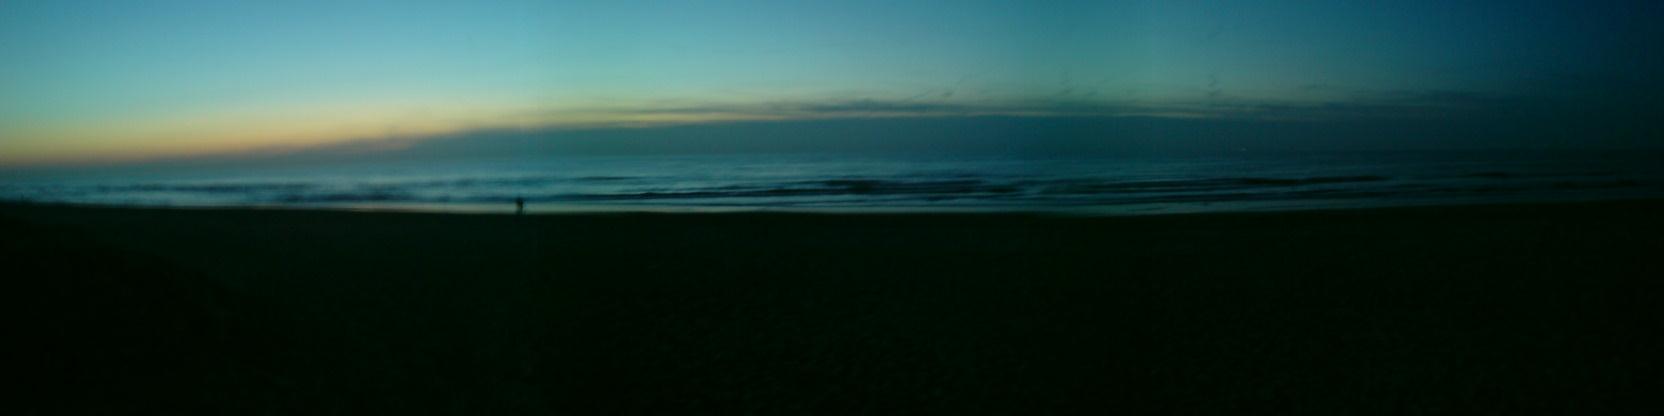 Zonsondergang ten noorden van Scheveningen